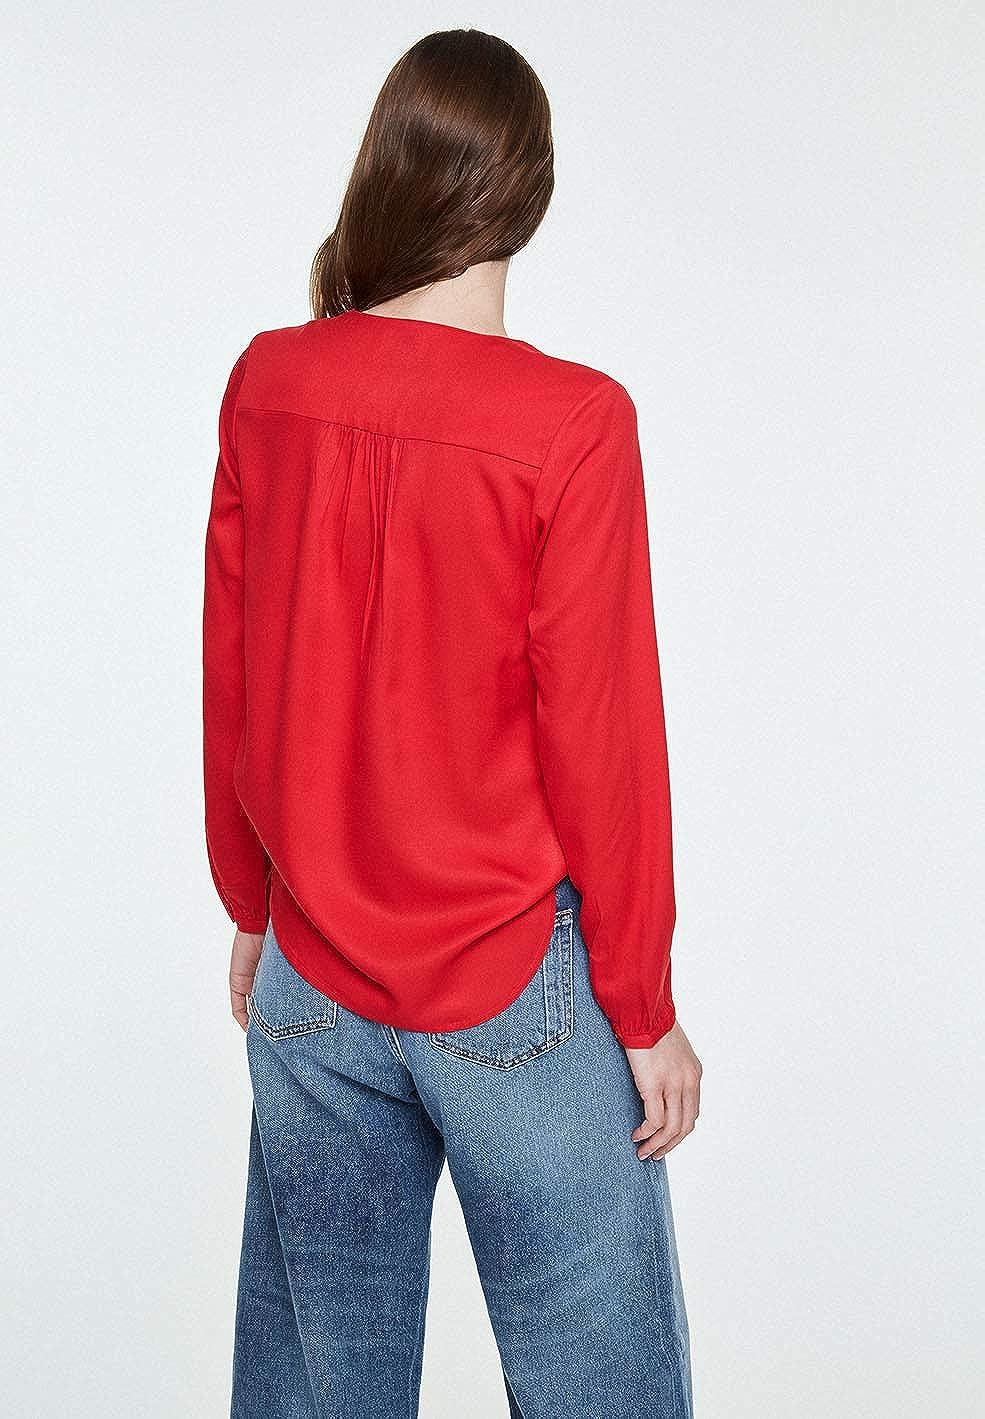 ARMEDANGELS Damen Damen Damen Blause aus LENZING™ ECOVERO™ - FELICITAAS - PETA Approved VEGAN B07N17JD3S Blausen & Tuniken Qualitätskönigin d52346